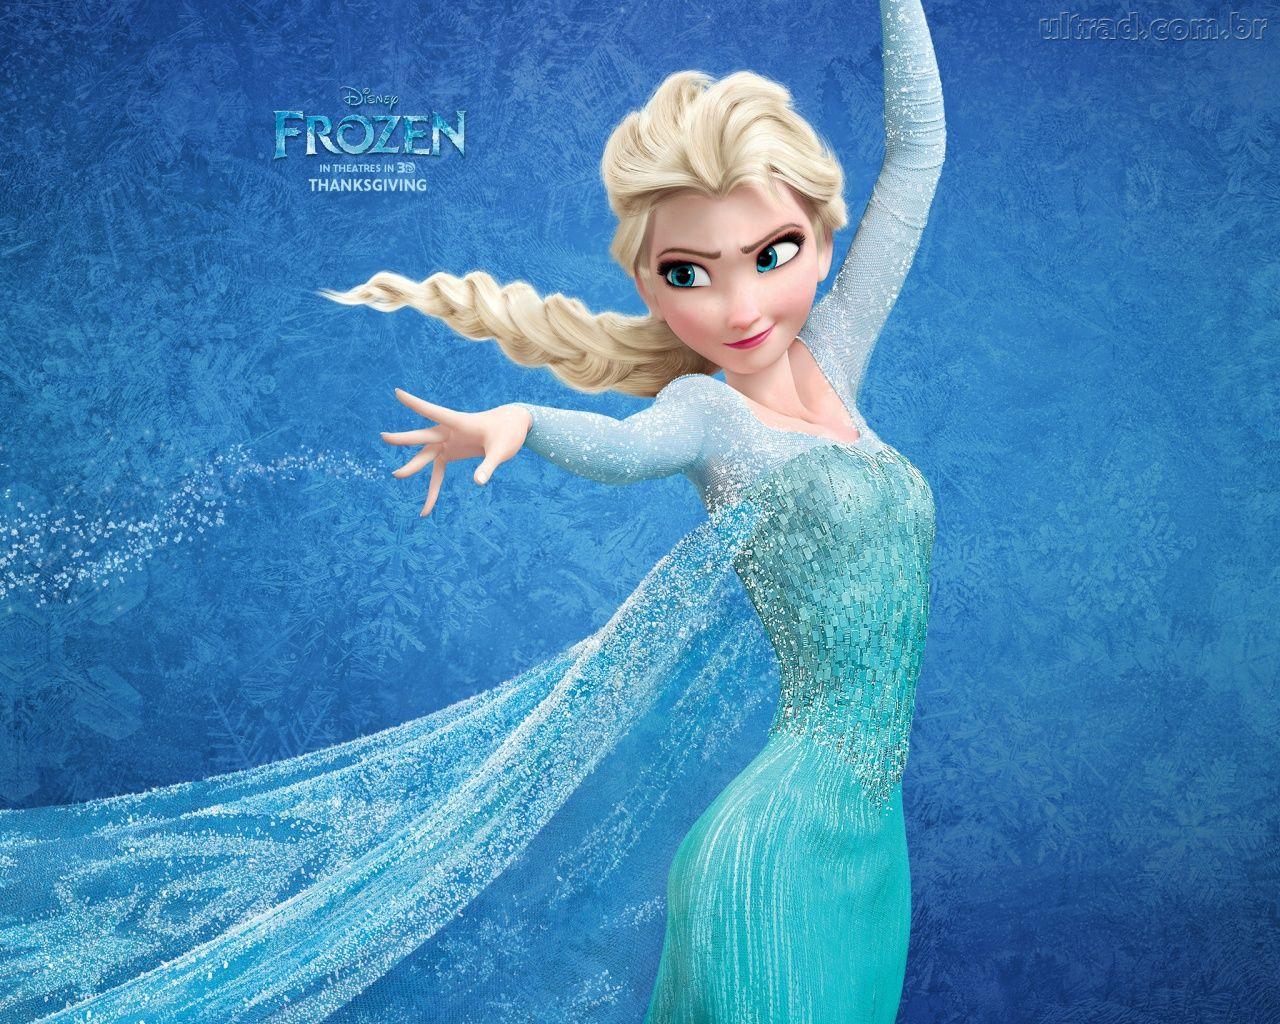 Imagens Frozen Uma Aventura Congelante Minimalist liÇÕes de vida importantes que vocÊ pode aprender com a animaÇÃo